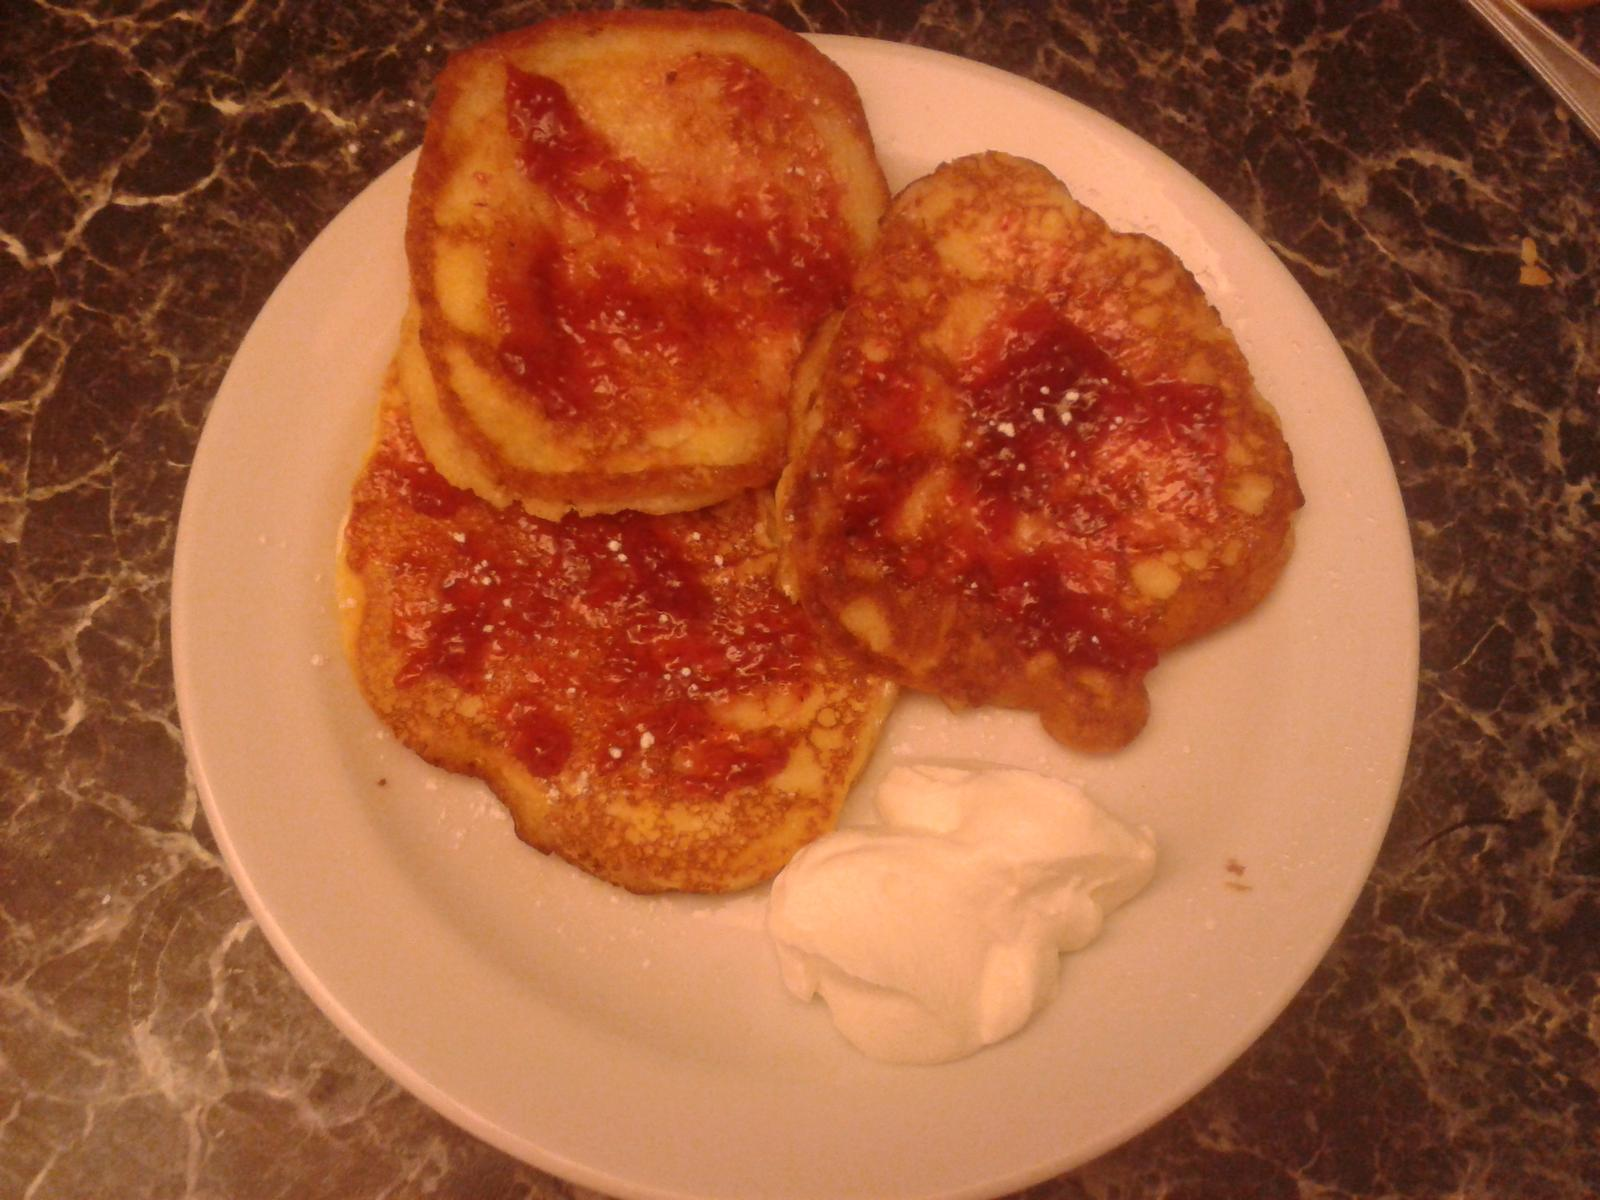 Peču a vařím :-) - lívance s jahodovou marmeládou a zak.smetanou